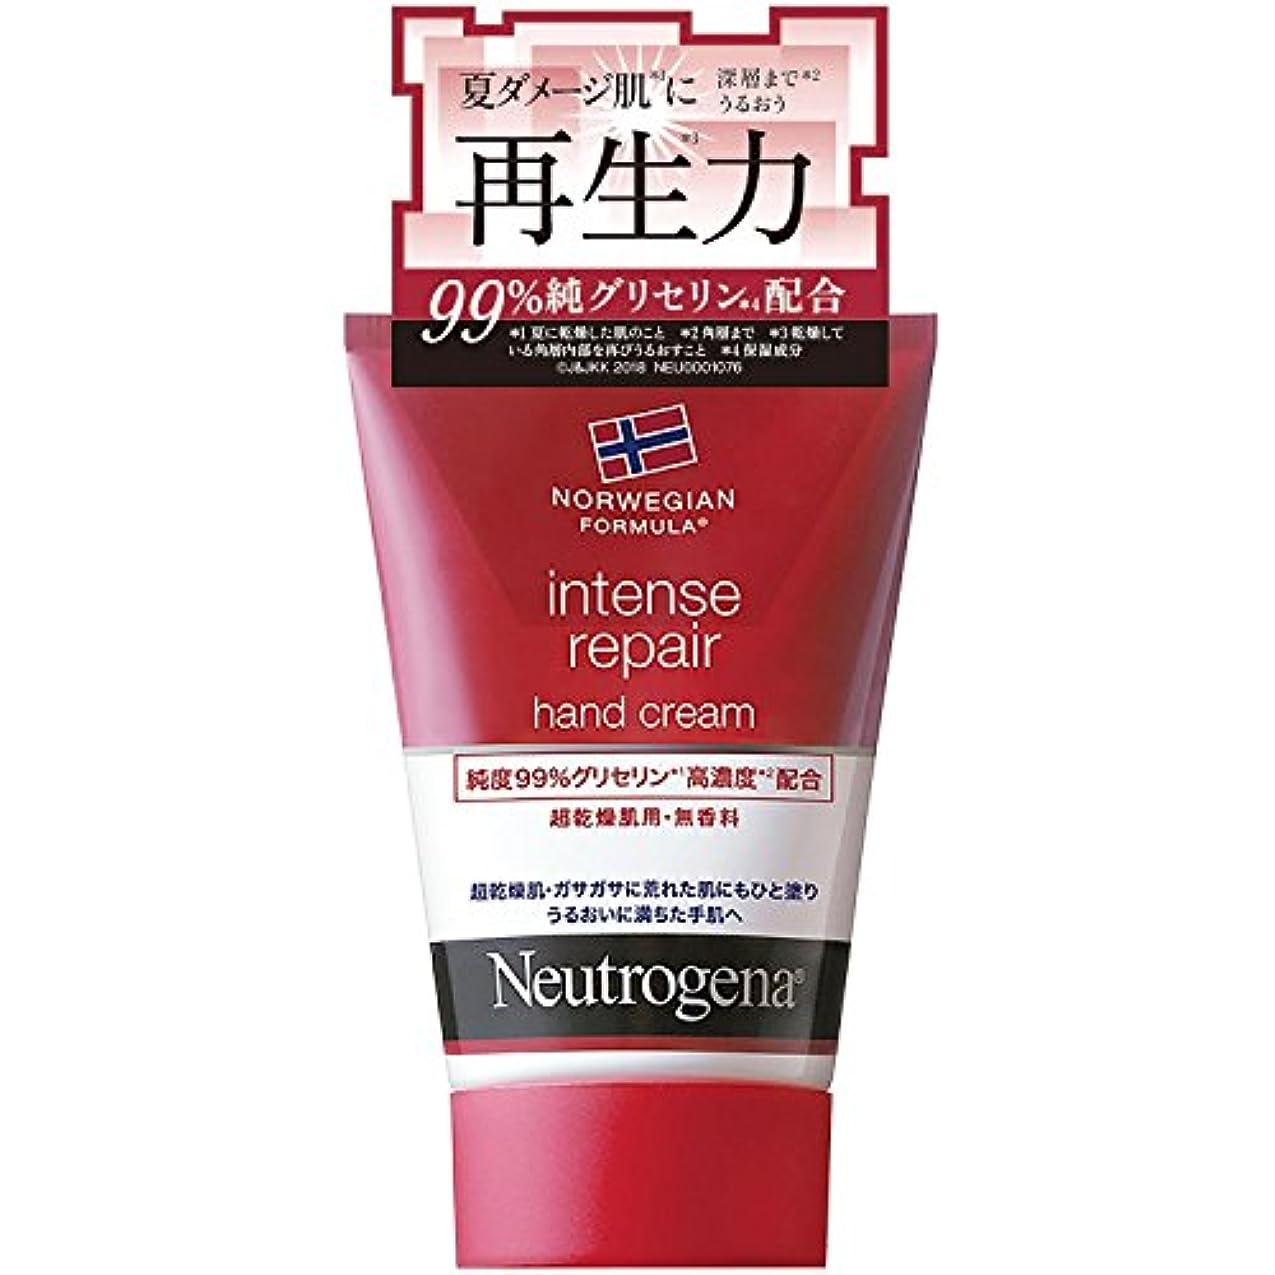 補助金にやにや電報Neutrogena(ニュートロジーナ) ノルウェーフォーミュラ インテンスリペア ハンドクリーム 超乾燥肌用 無香料 単品 50g